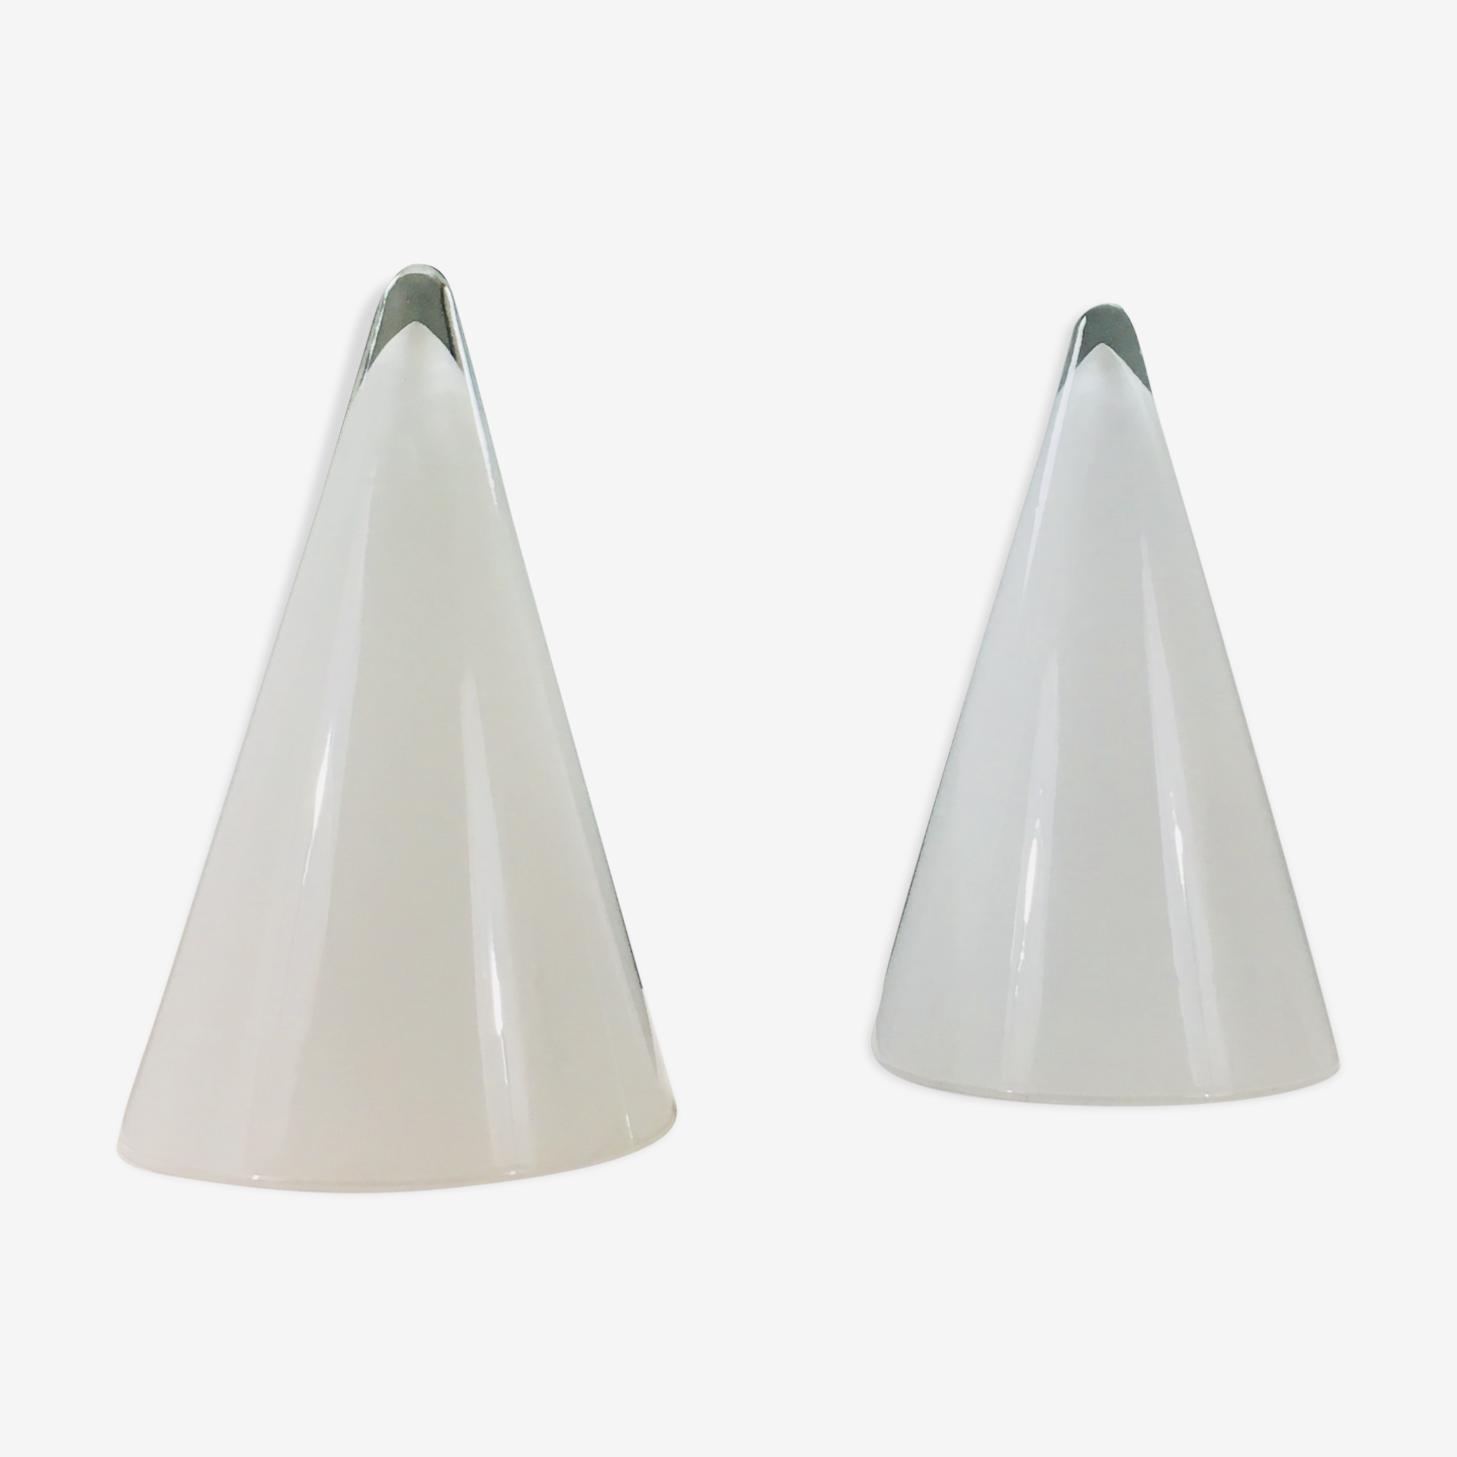 Paire de lampes coniques en verre blanc et translucide